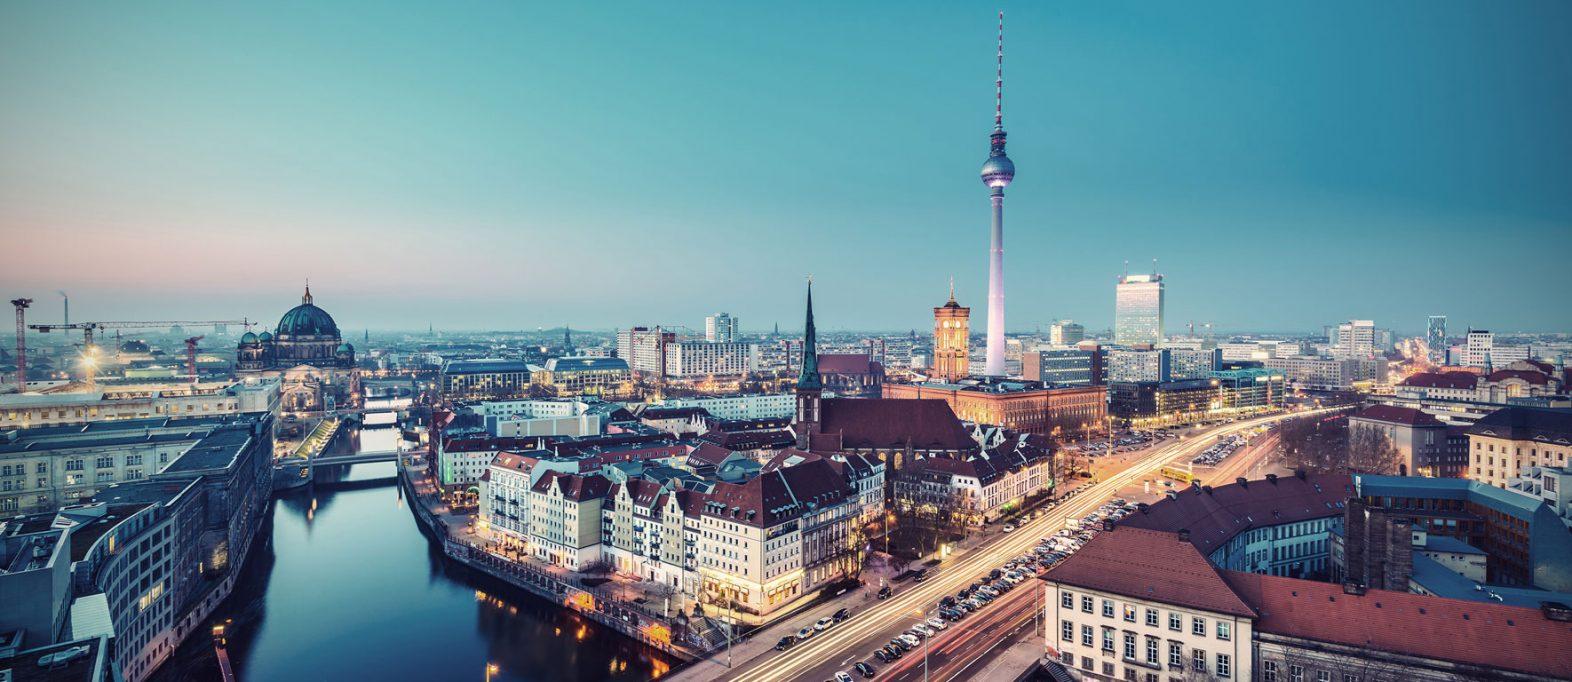 Berlin Aussicht auf Alexanderturm